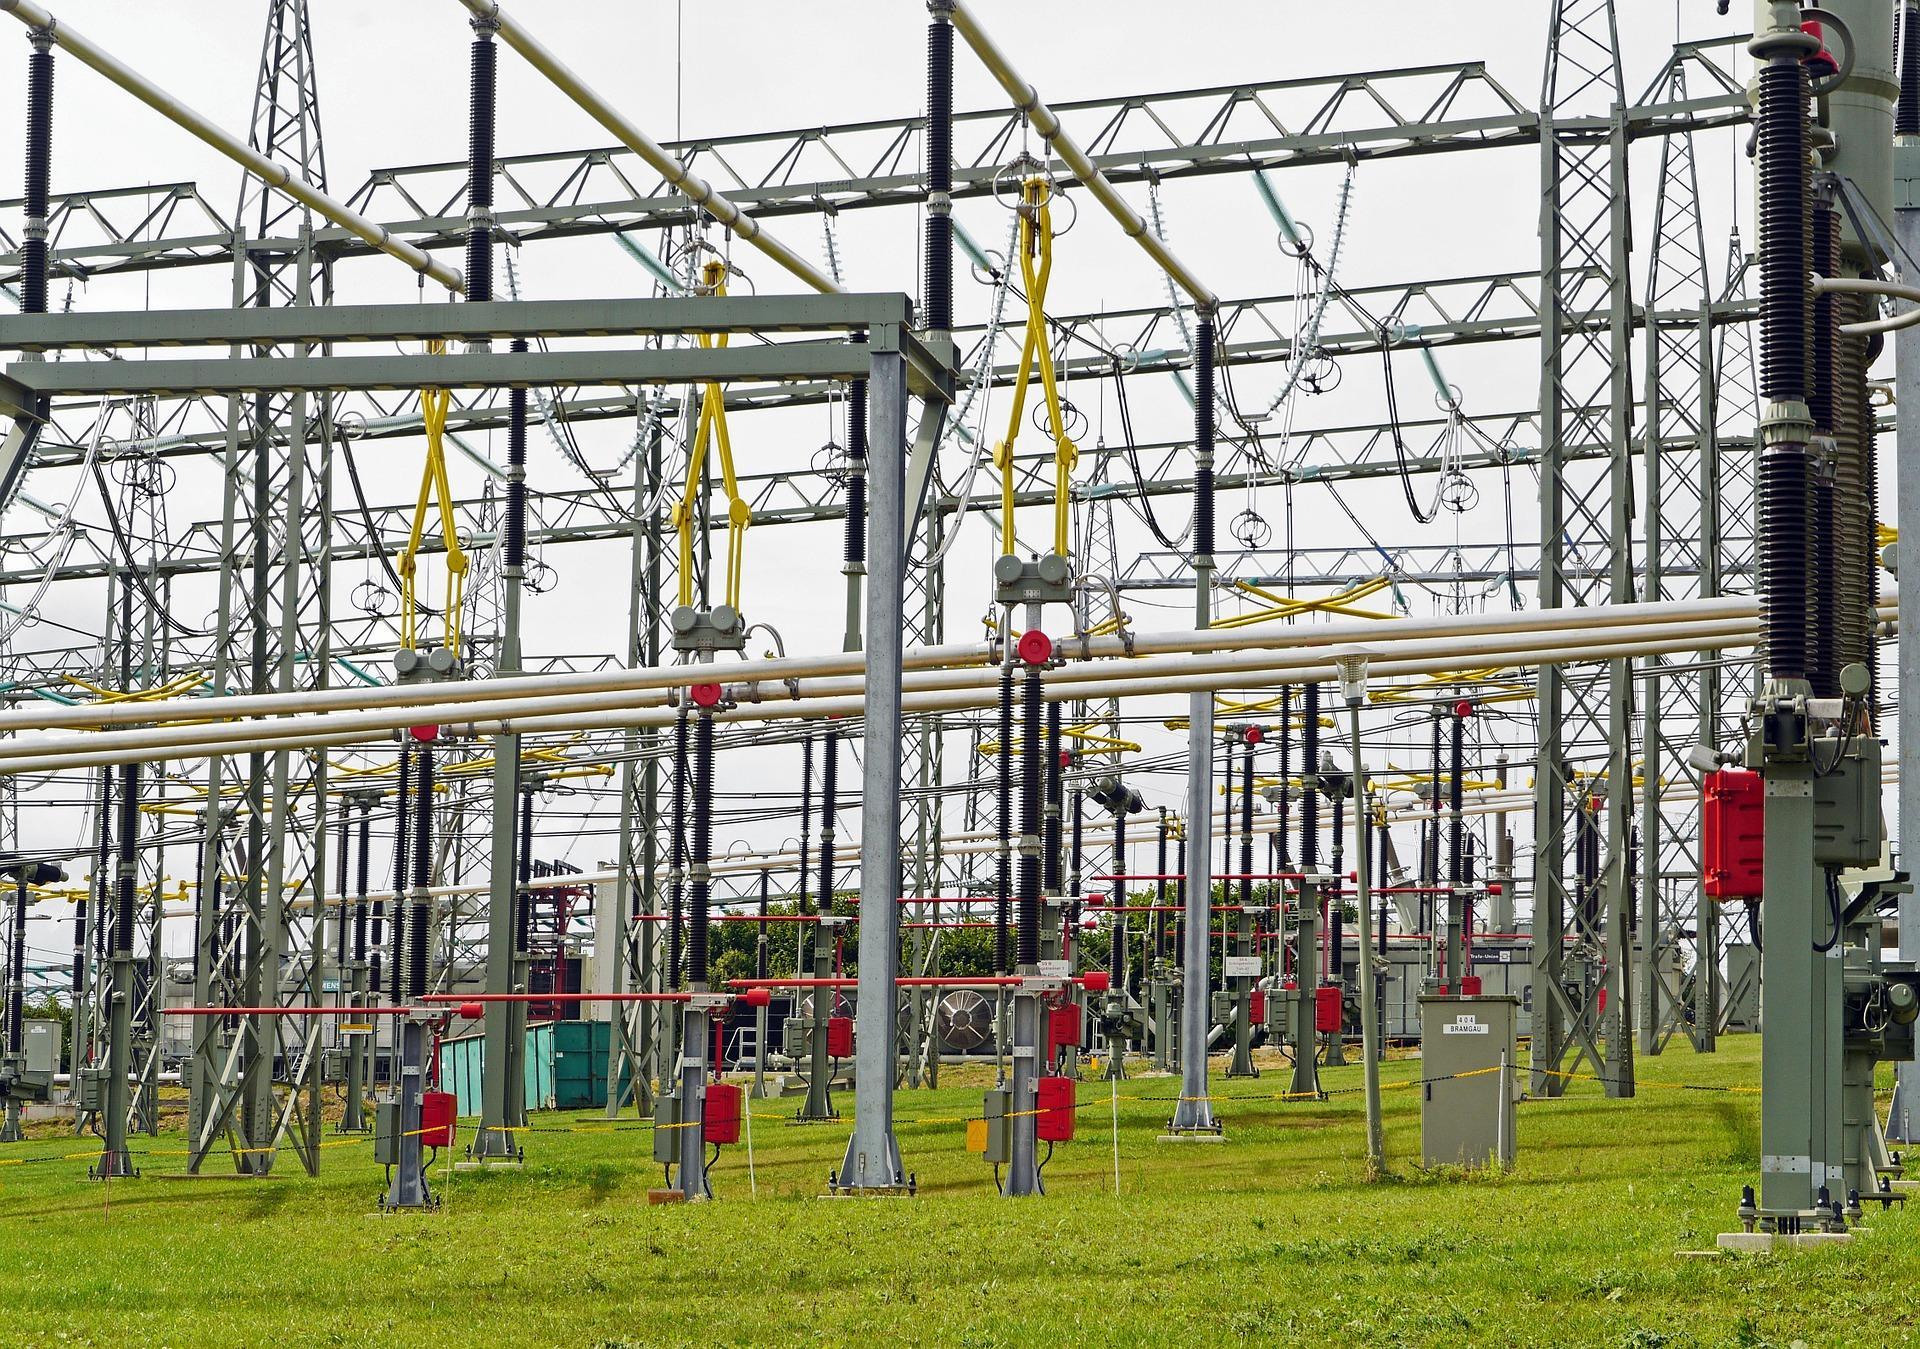 Versorgungssperre und Kontrahierungszwang des Energieversorgers